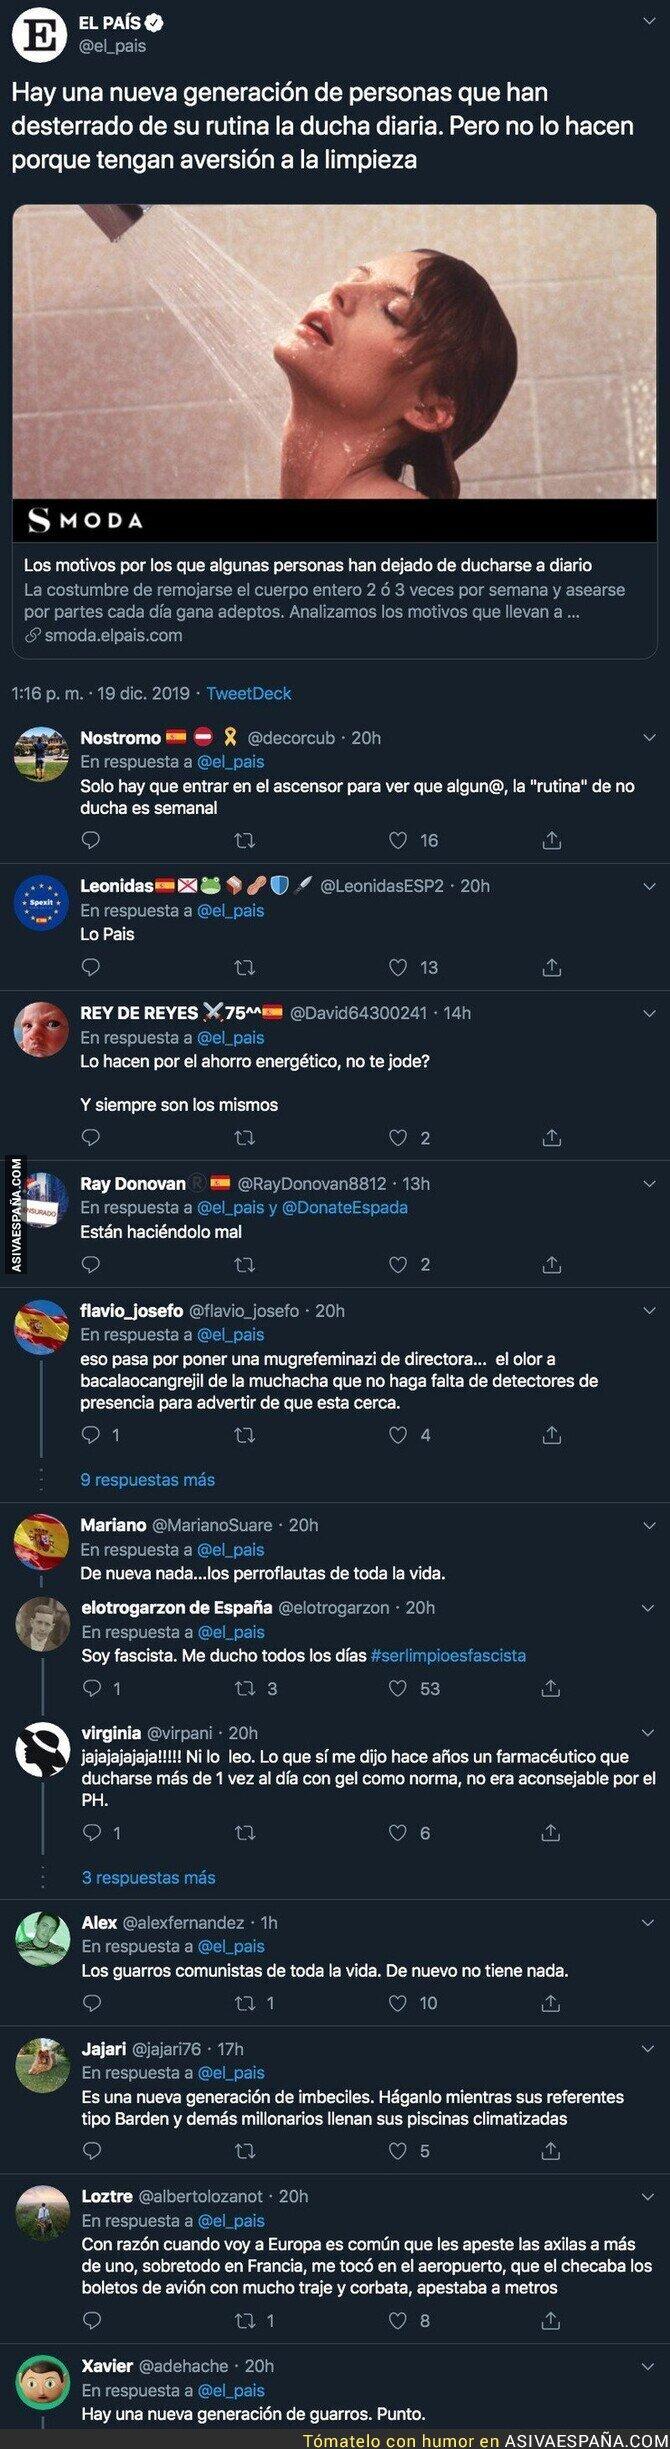 130049 - La nueva moda de no ducharse según 'El País'